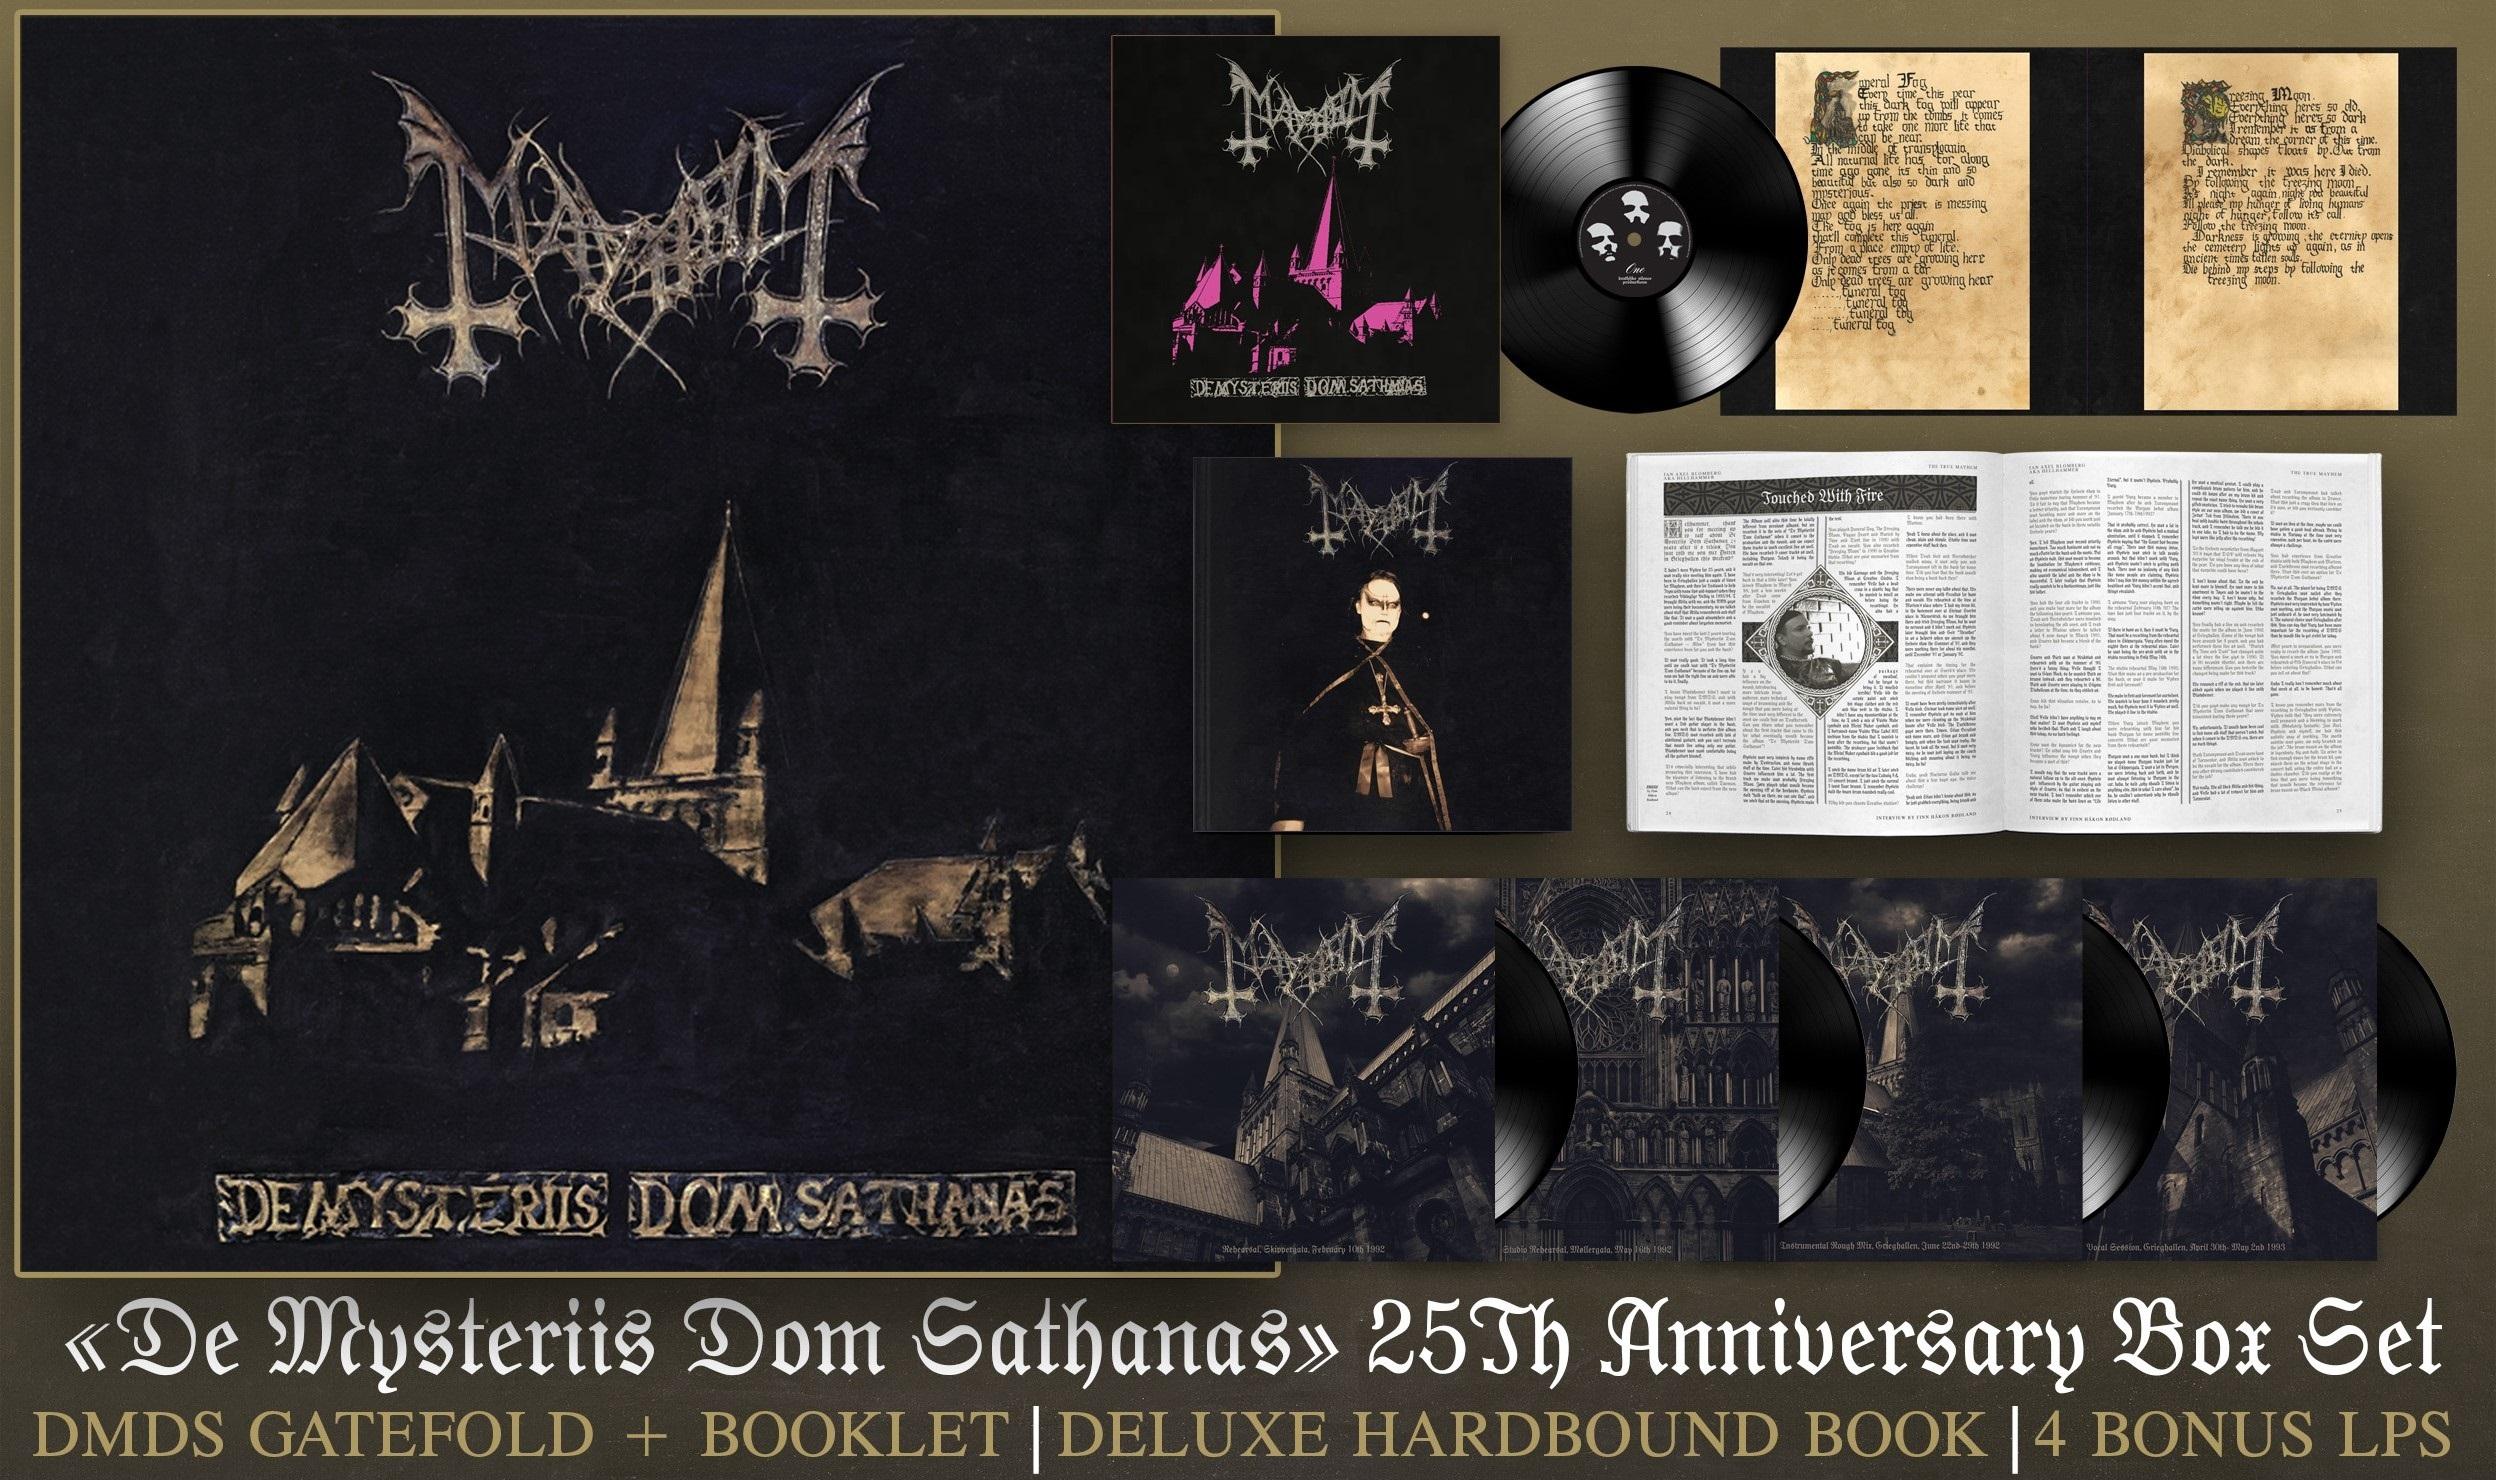 Mayhem De Mysteriis Dom Sathanas box